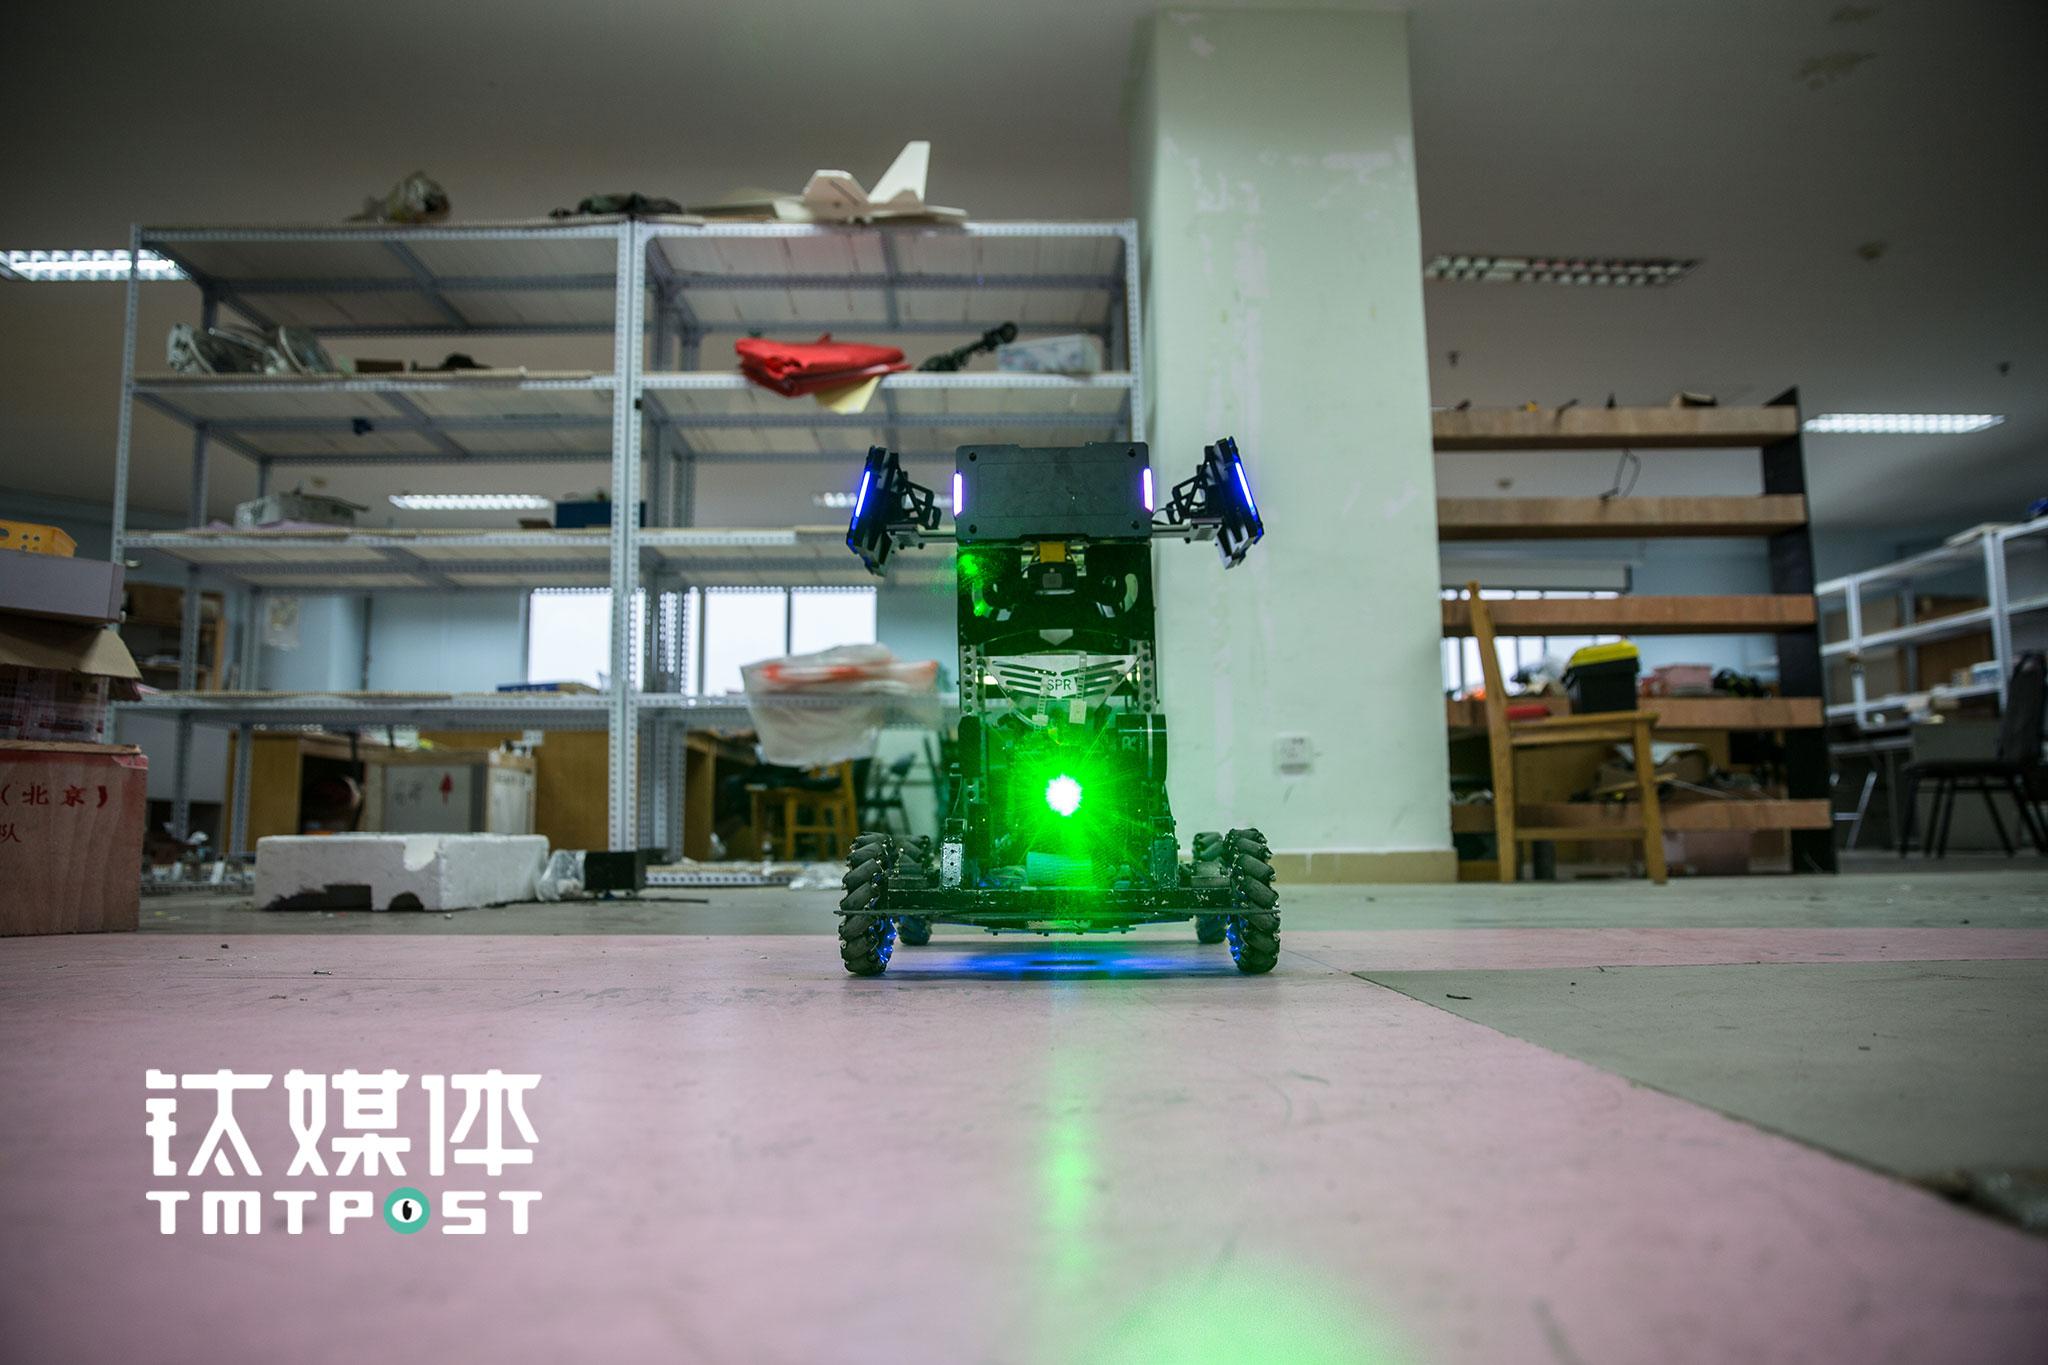 """中国石油大学(北京),SPR机器人战队大本营,一台刚""""英雄""""机器人启动后,瞄准器射出绿色的射线。"""